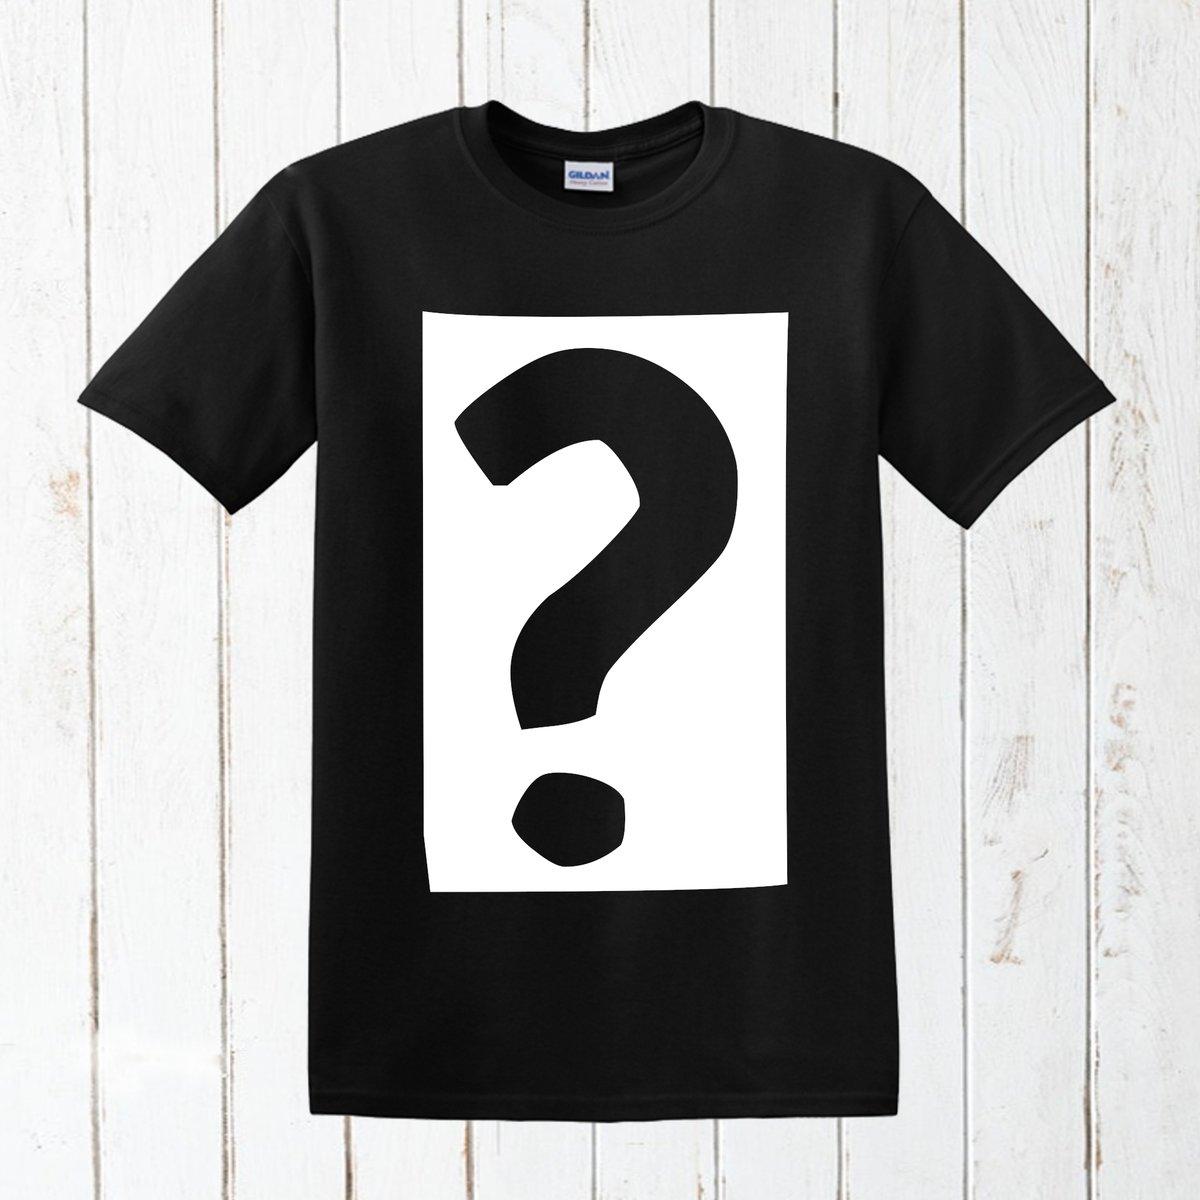 Mystery £10 Lucky Dip T-Shirt!